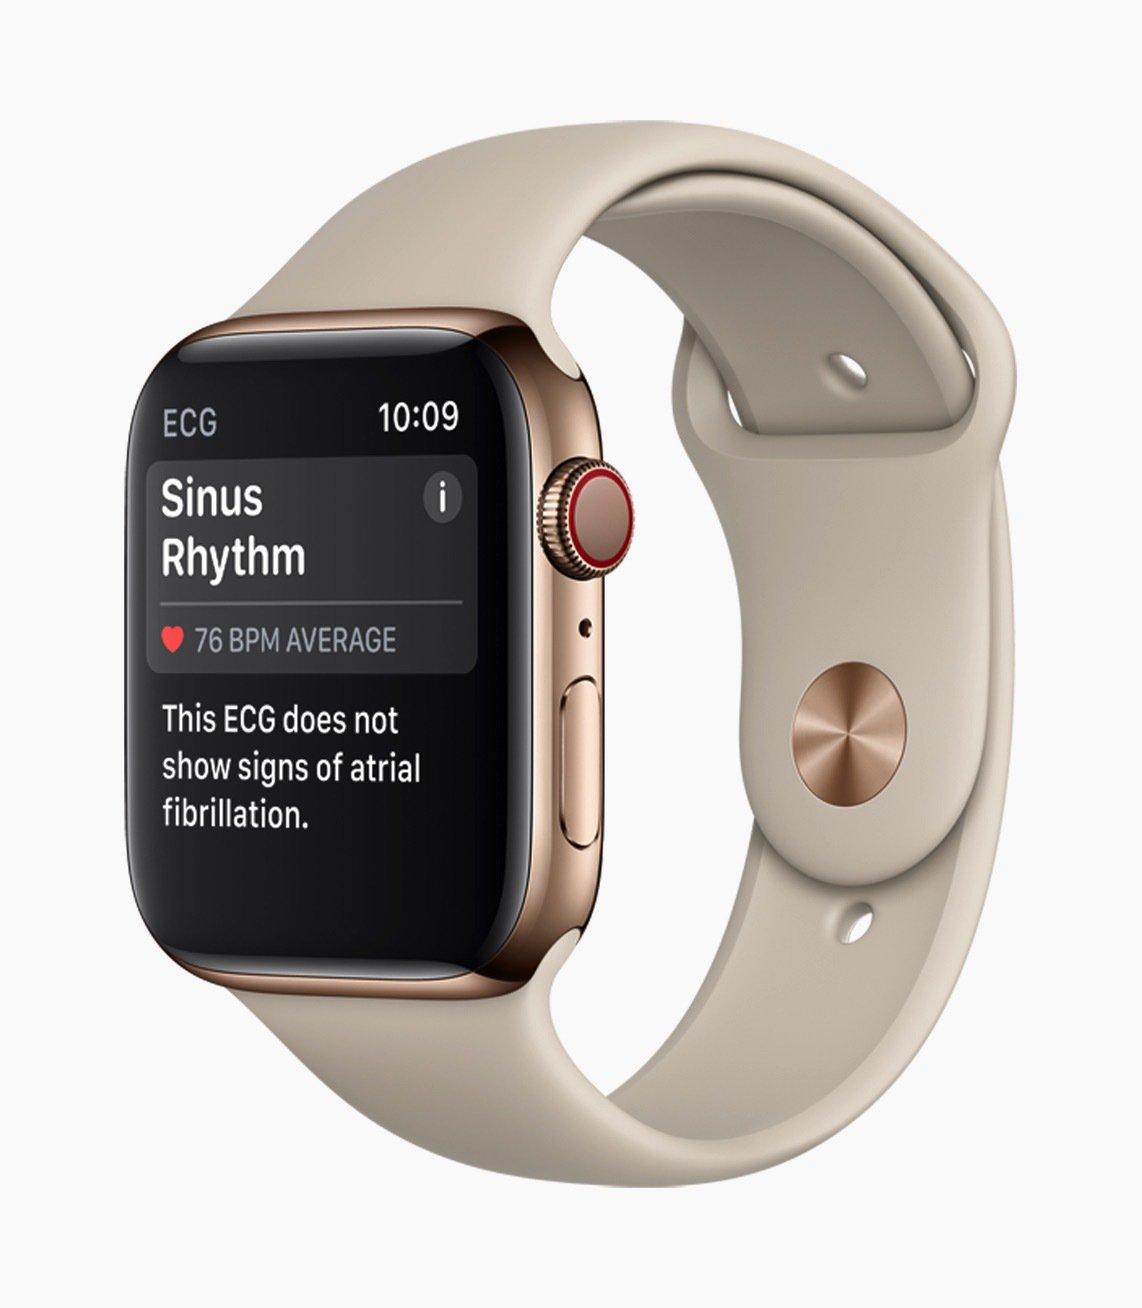 Apple chính thức ra mắt Apple Watch Series 4: Màn hình lớn hơn,viền mỏng, nhiều tính năng hình 3